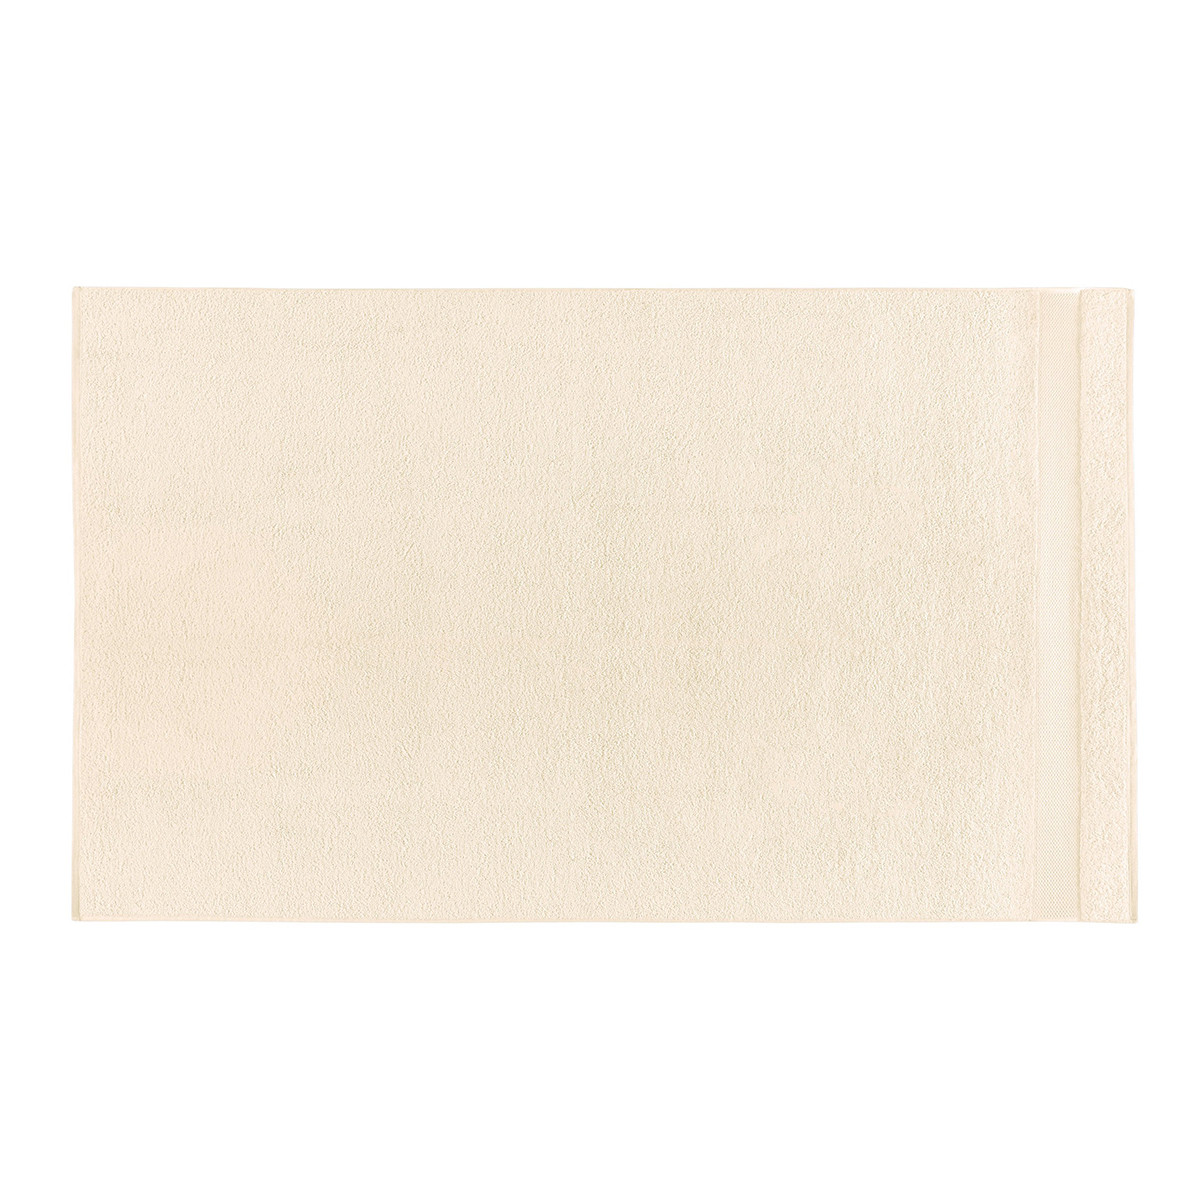 Drap de bain coton 90x150 cm chèvrefeuille